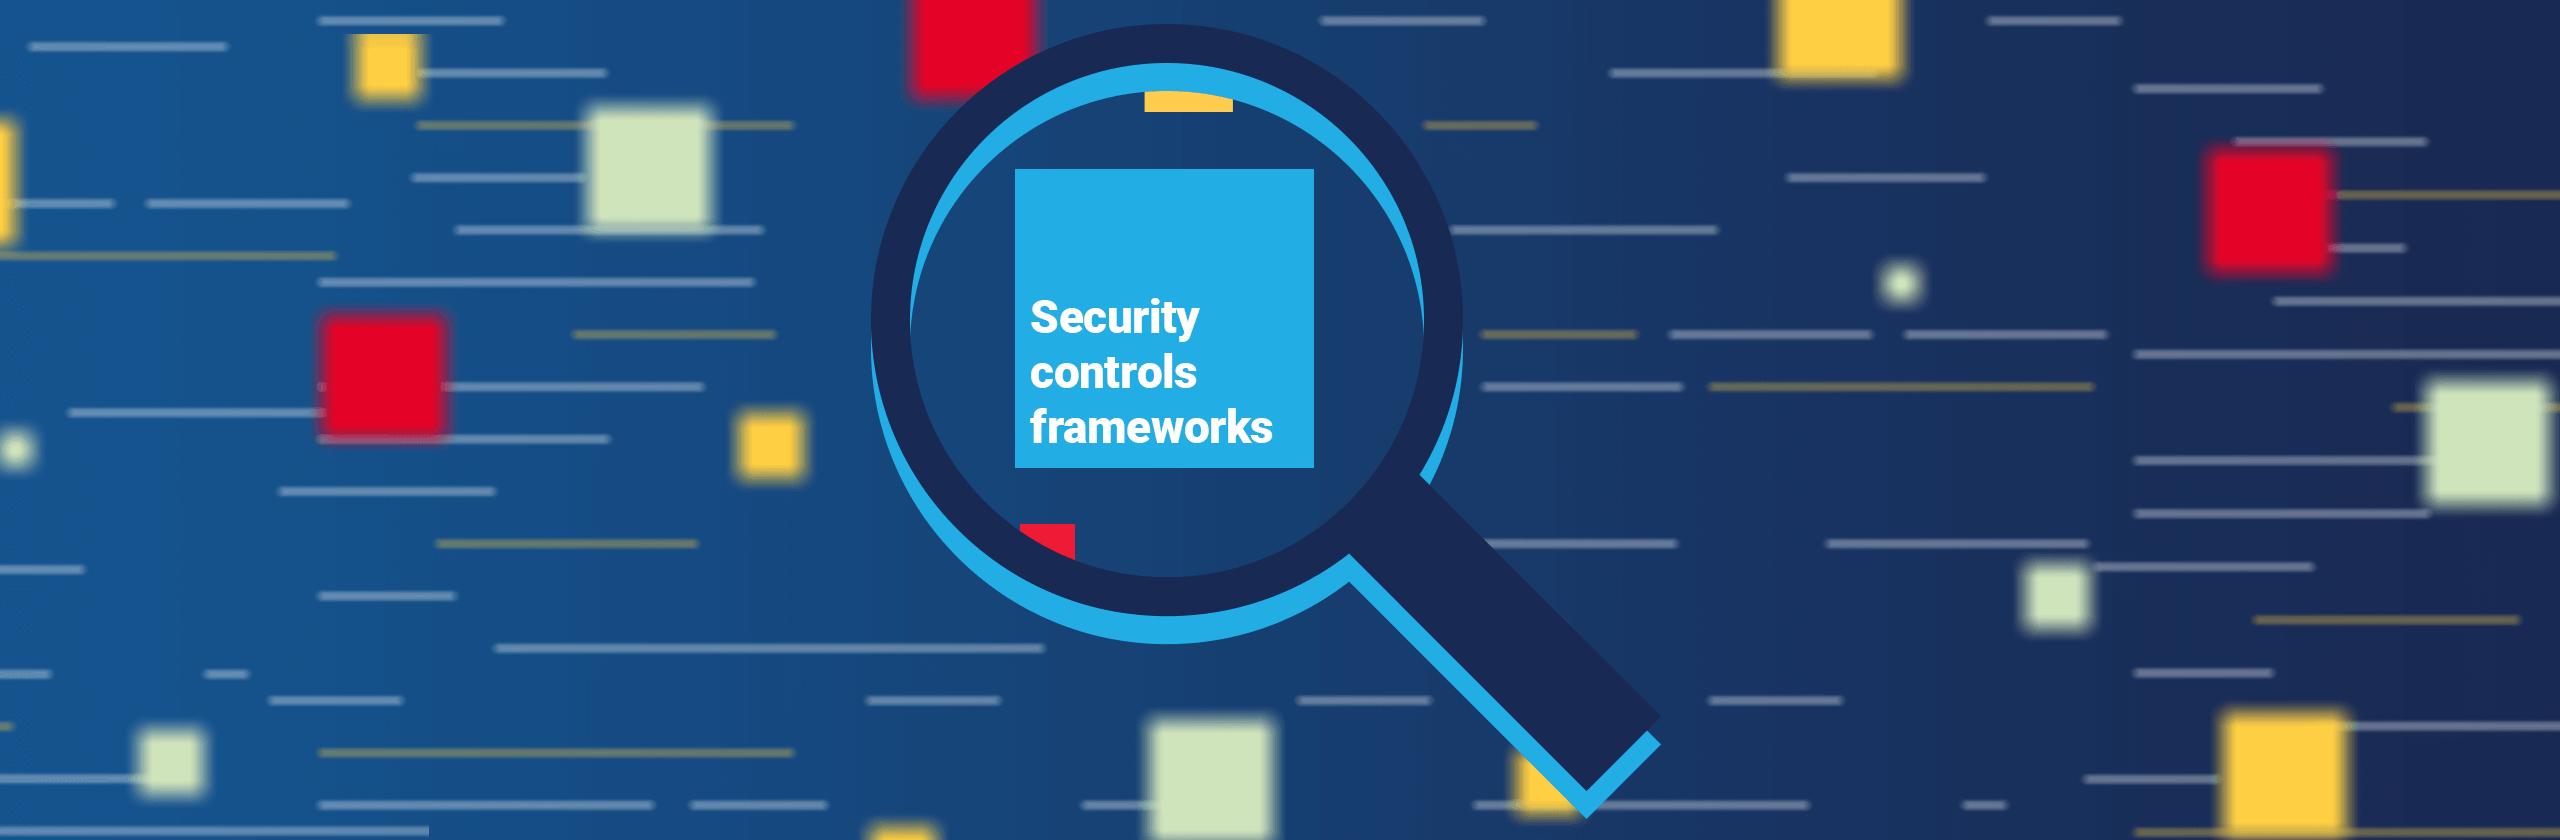 Security controls frameworks banner image